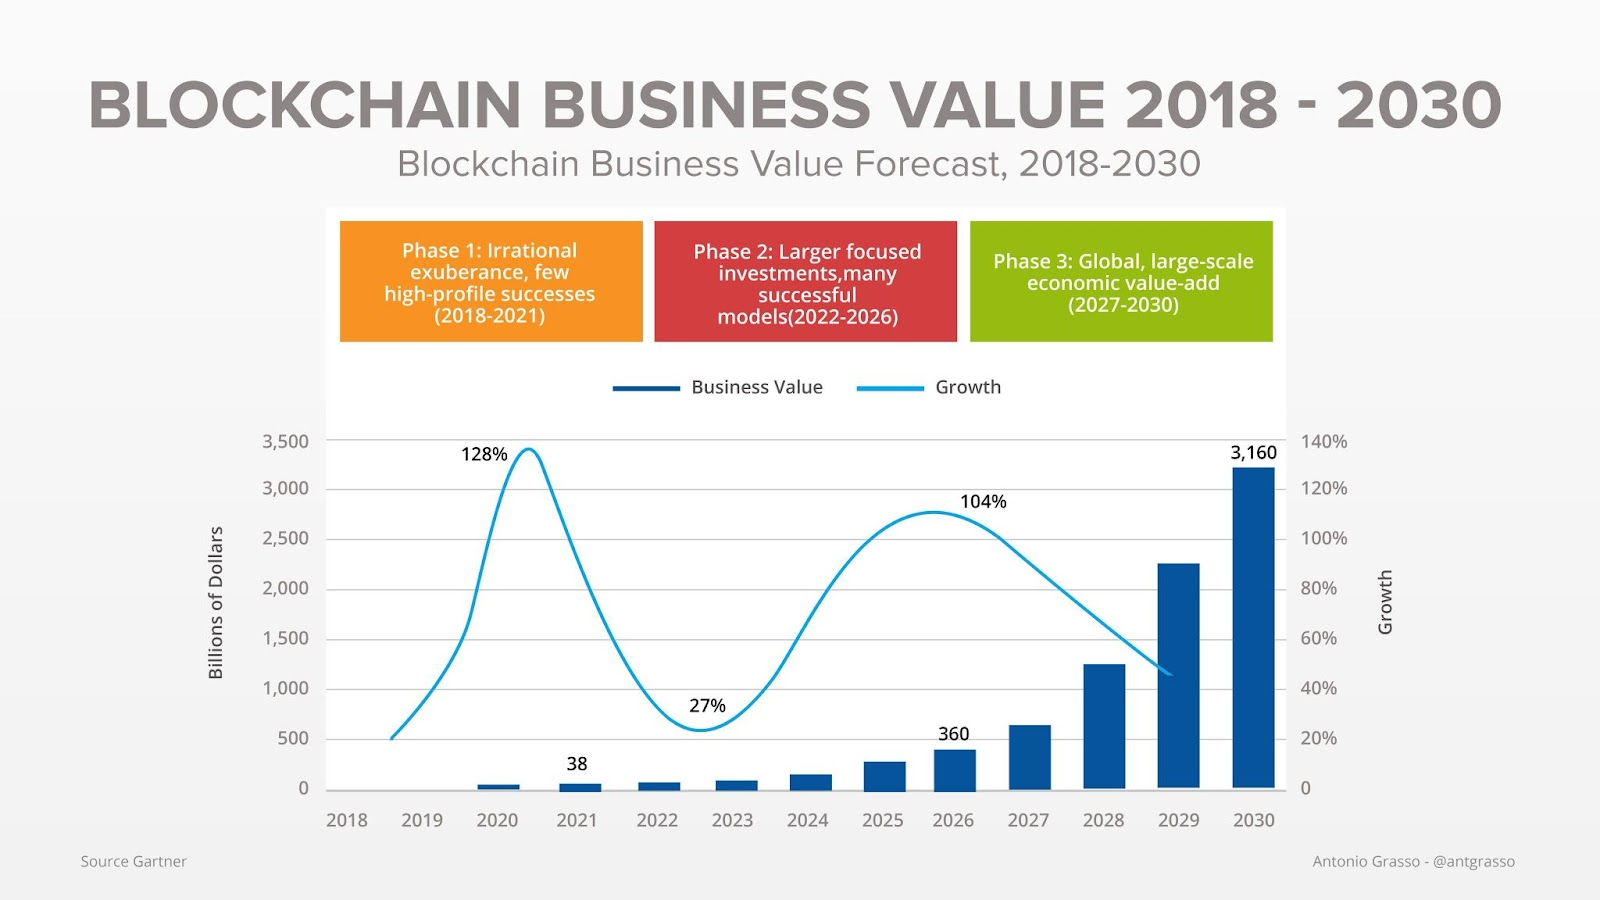 sự phát triển của thị trường này cho tới năm 2030